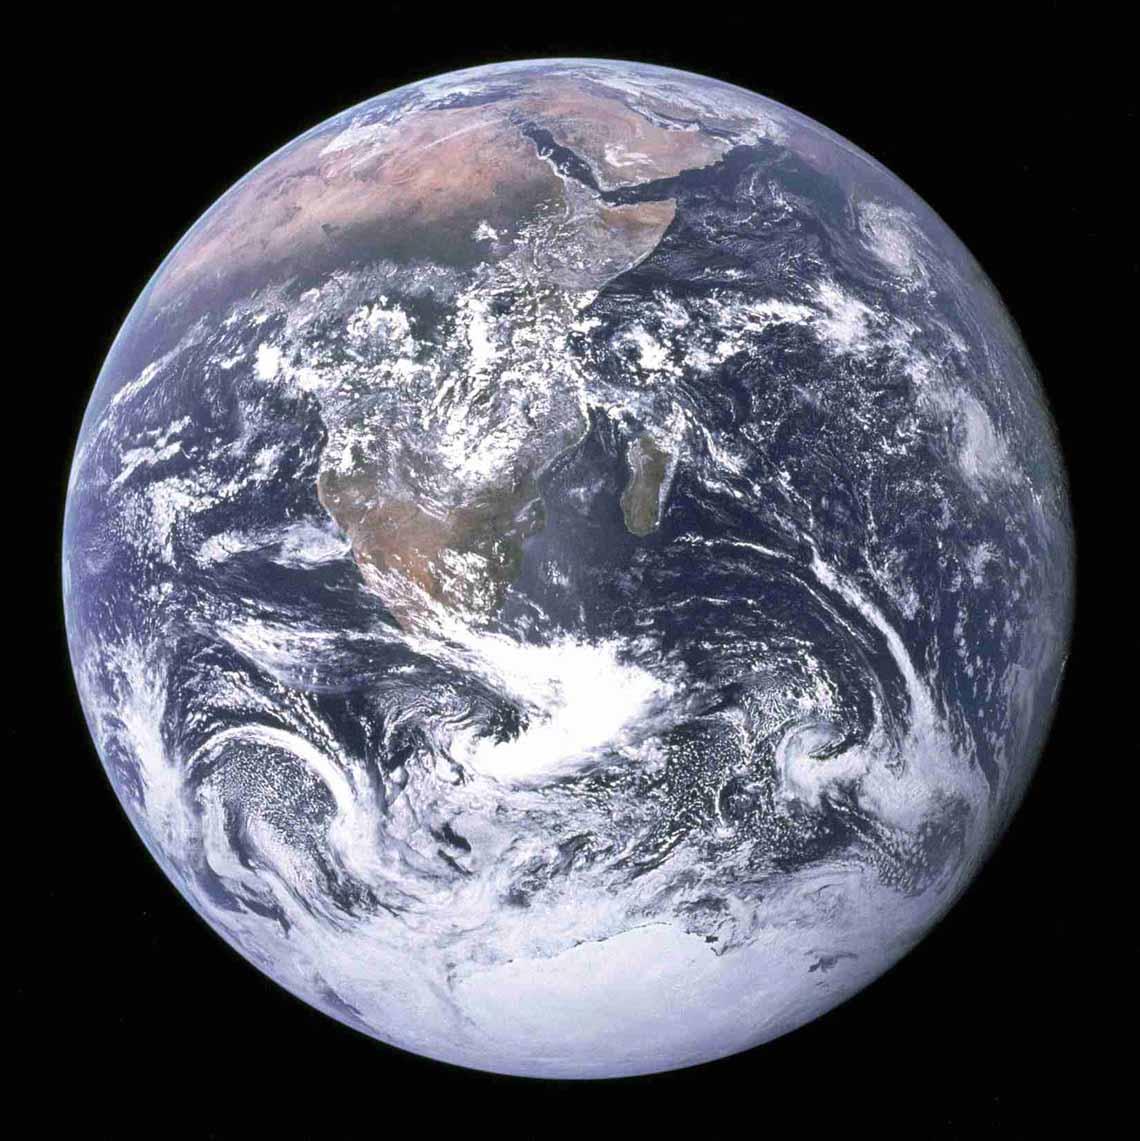 Tổng hợp những bức ảnh kinh ngạc về Trái Đất dưới góc nhìn ngoài không gian -13